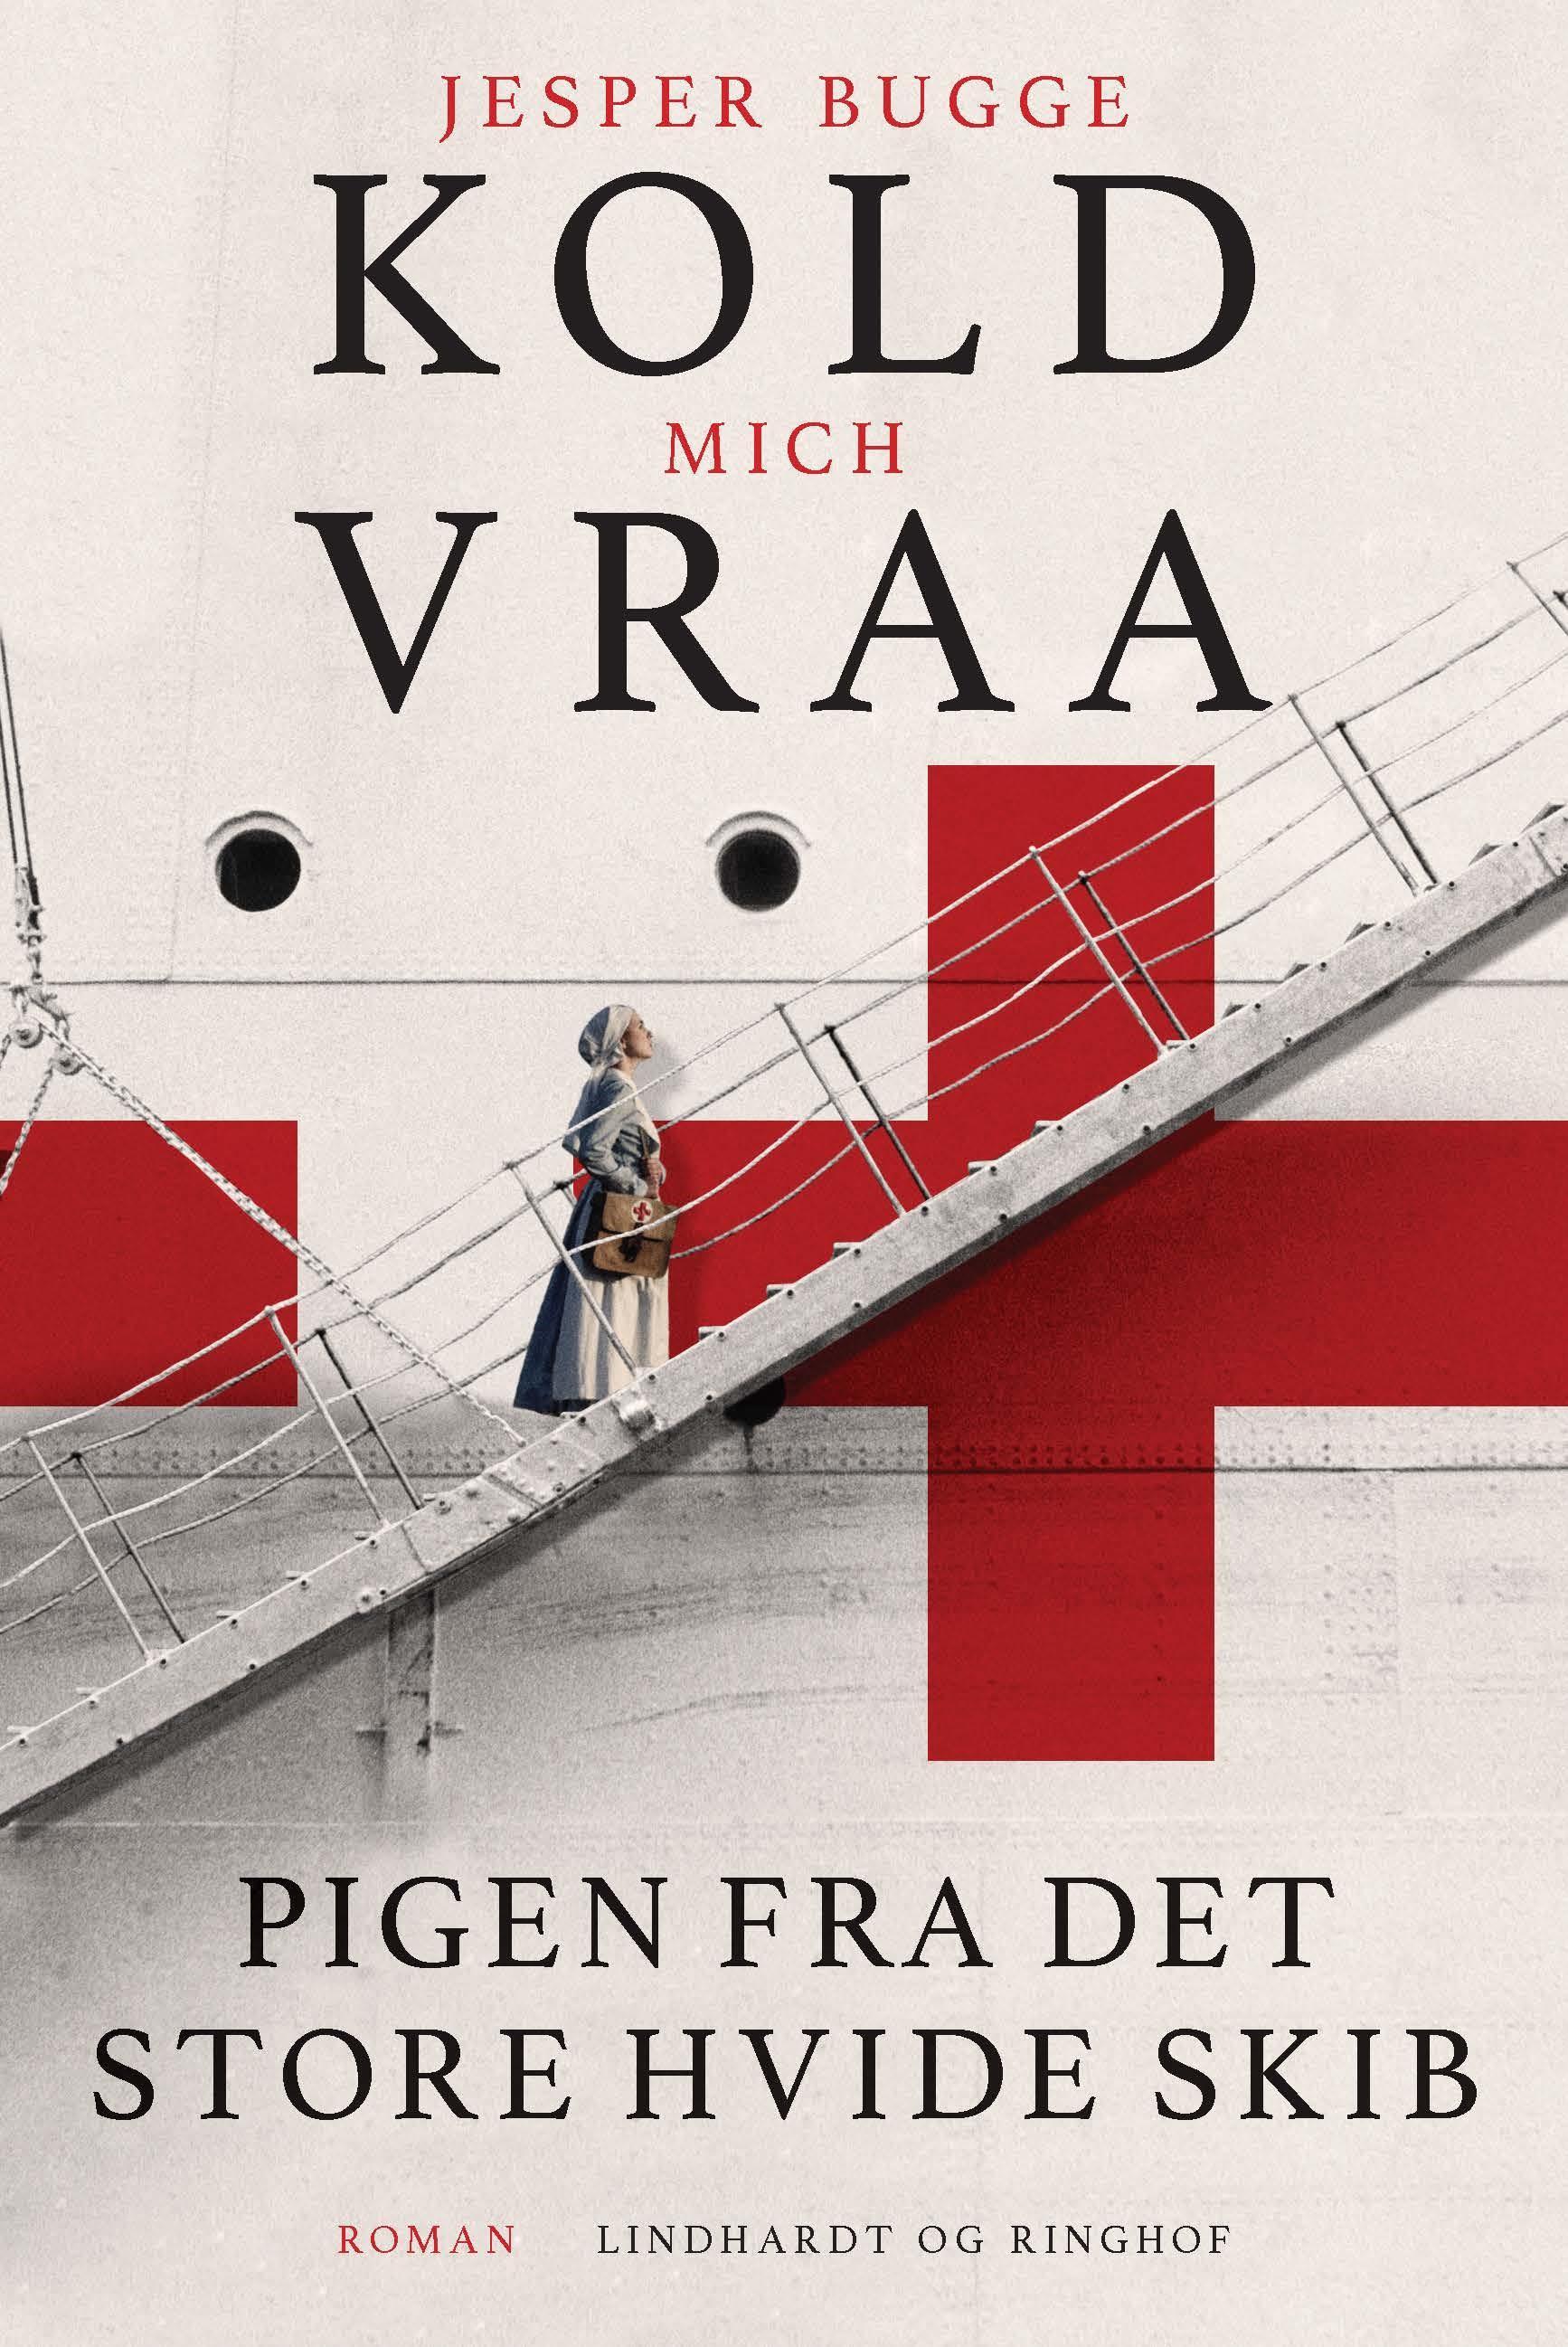 Pigen fra det store hvide skib - af Jesper Brugge Kold og Mich Vraa - 9788711989647